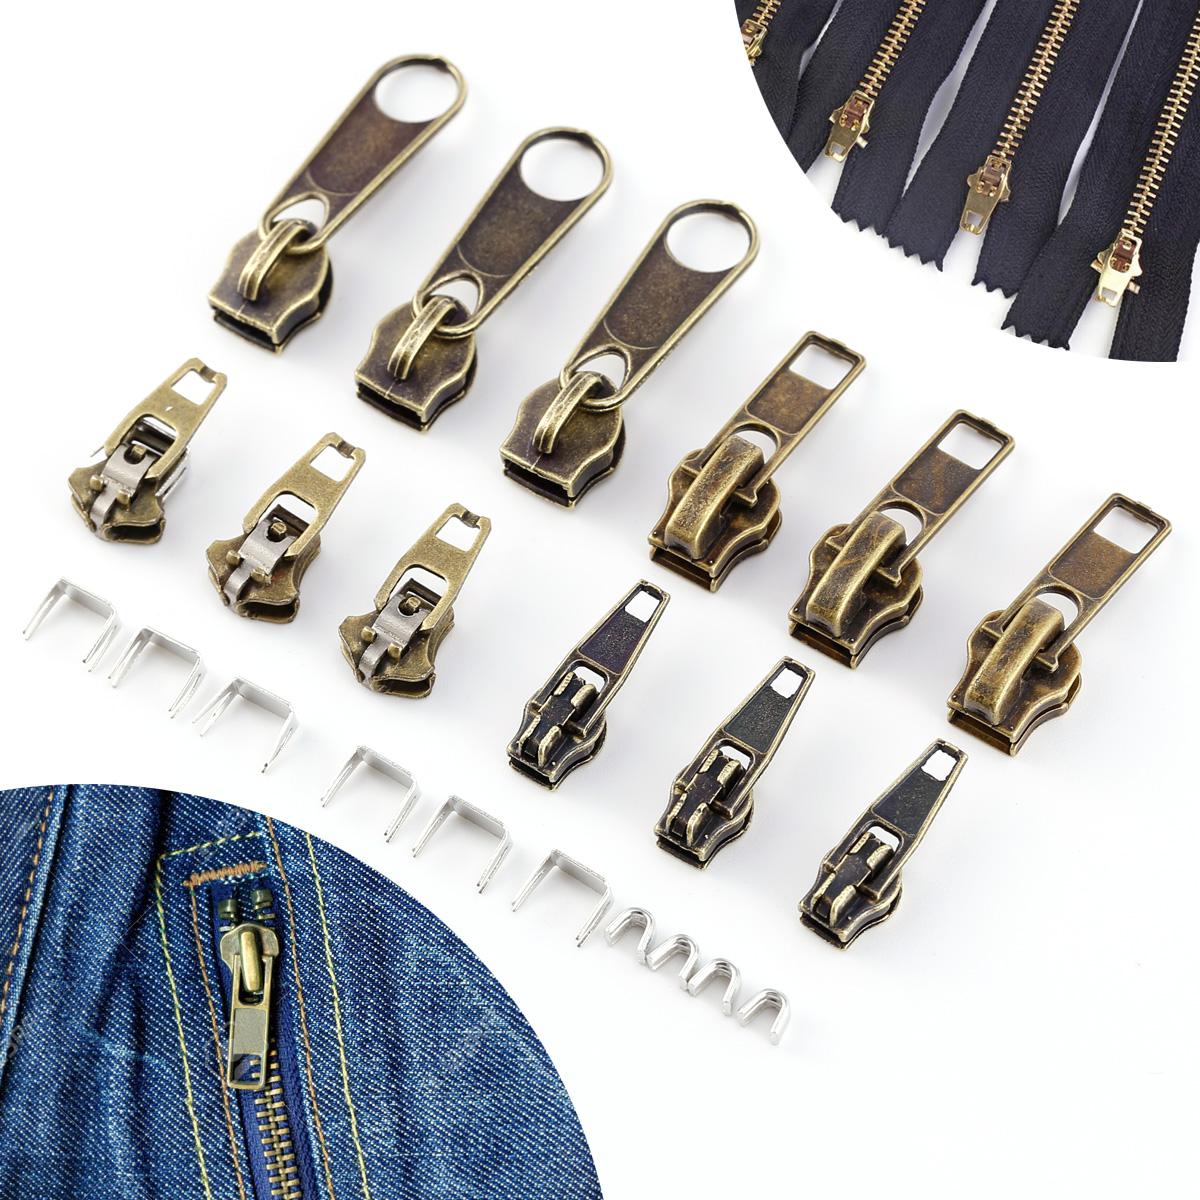 22pcs remplacement r paration fermeture clair bronze zip. Black Bedroom Furniture Sets. Home Design Ideas